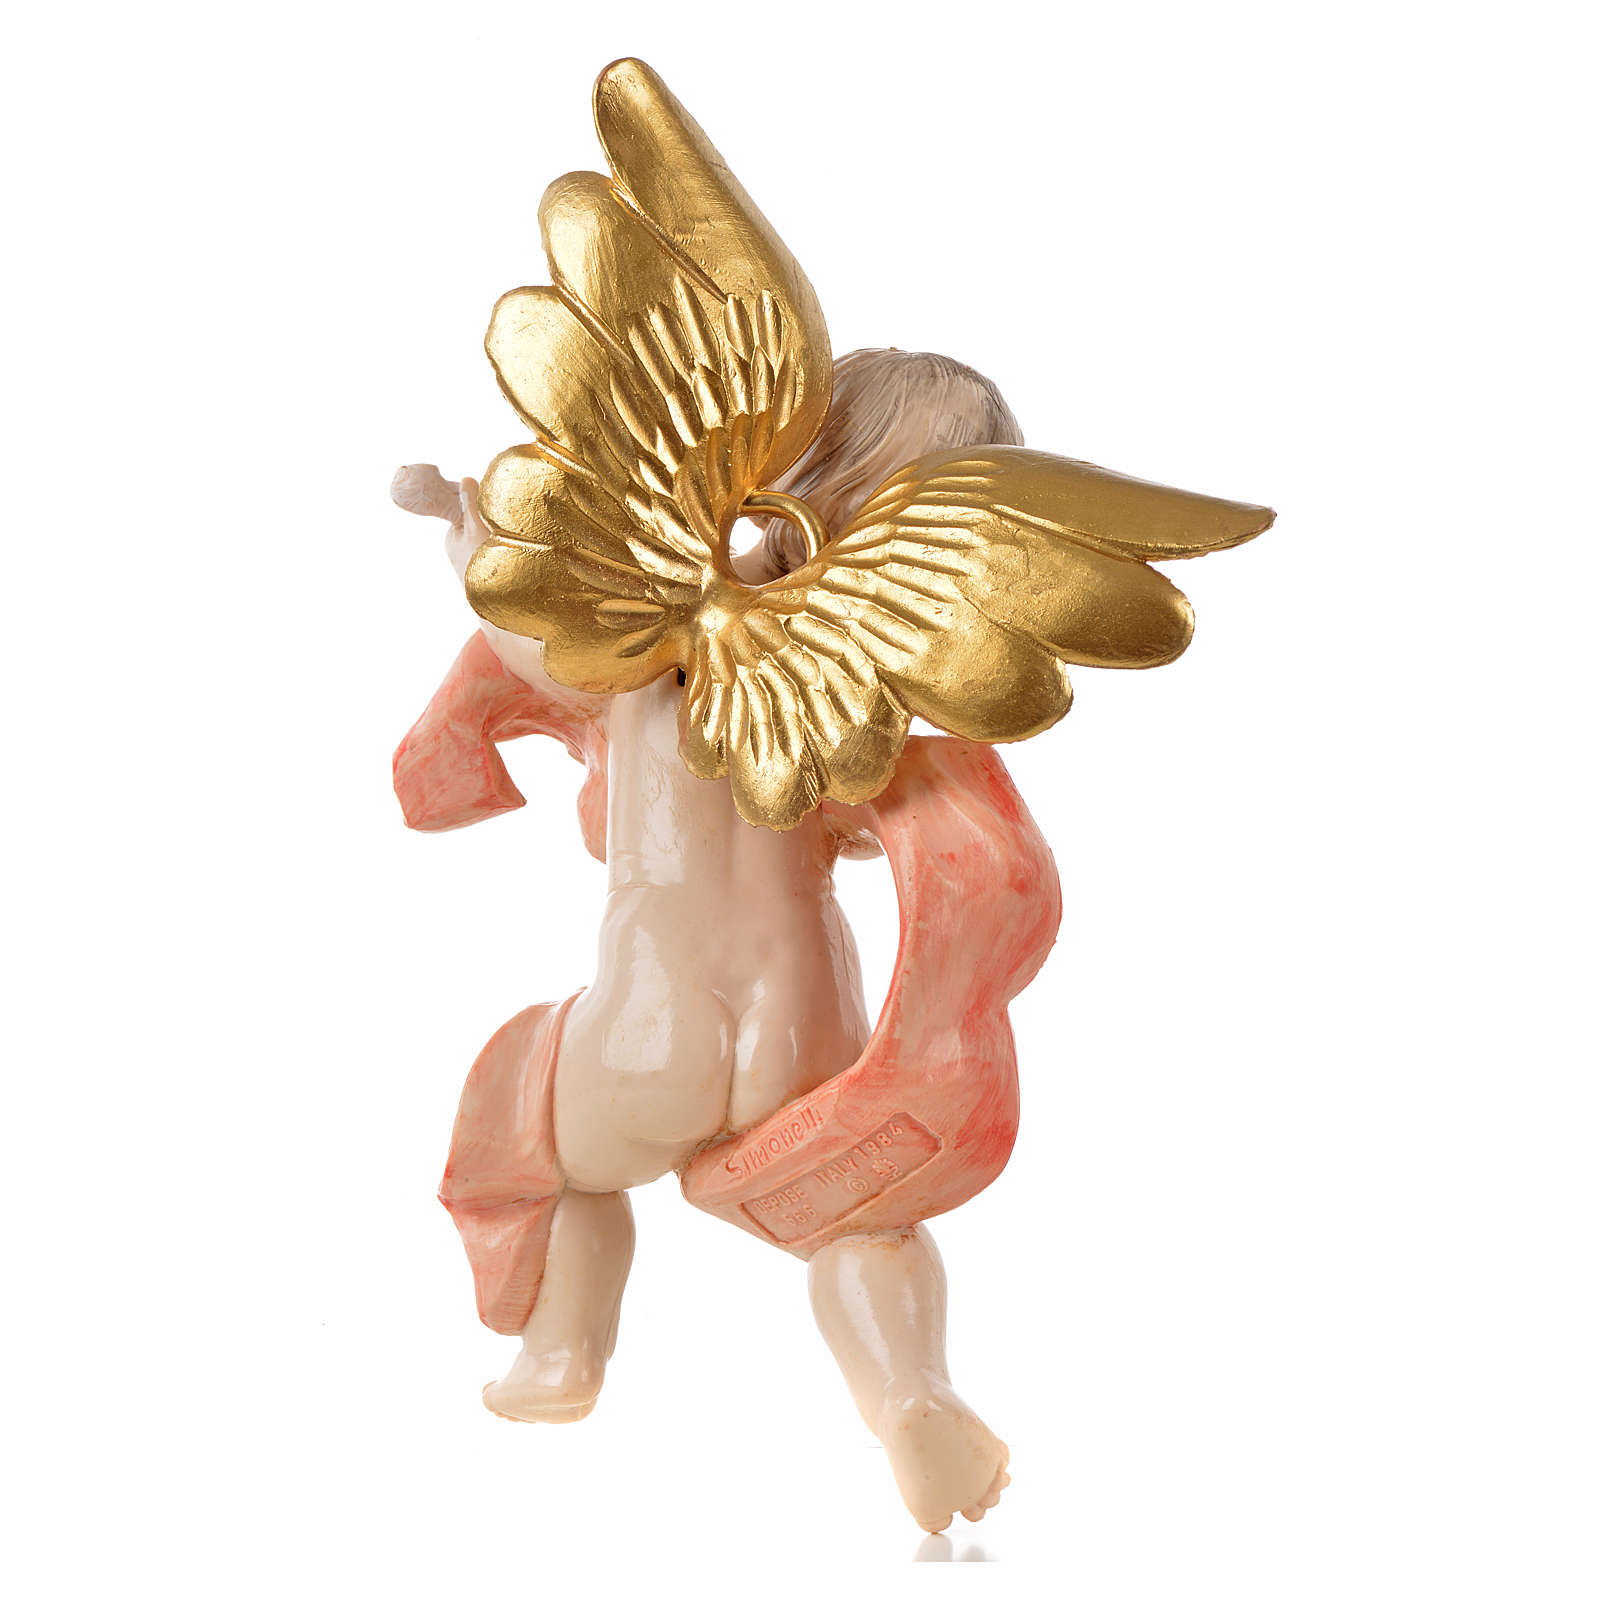 Anioł ze skrzypcami Fontanini cm 17 typu porcelana 3